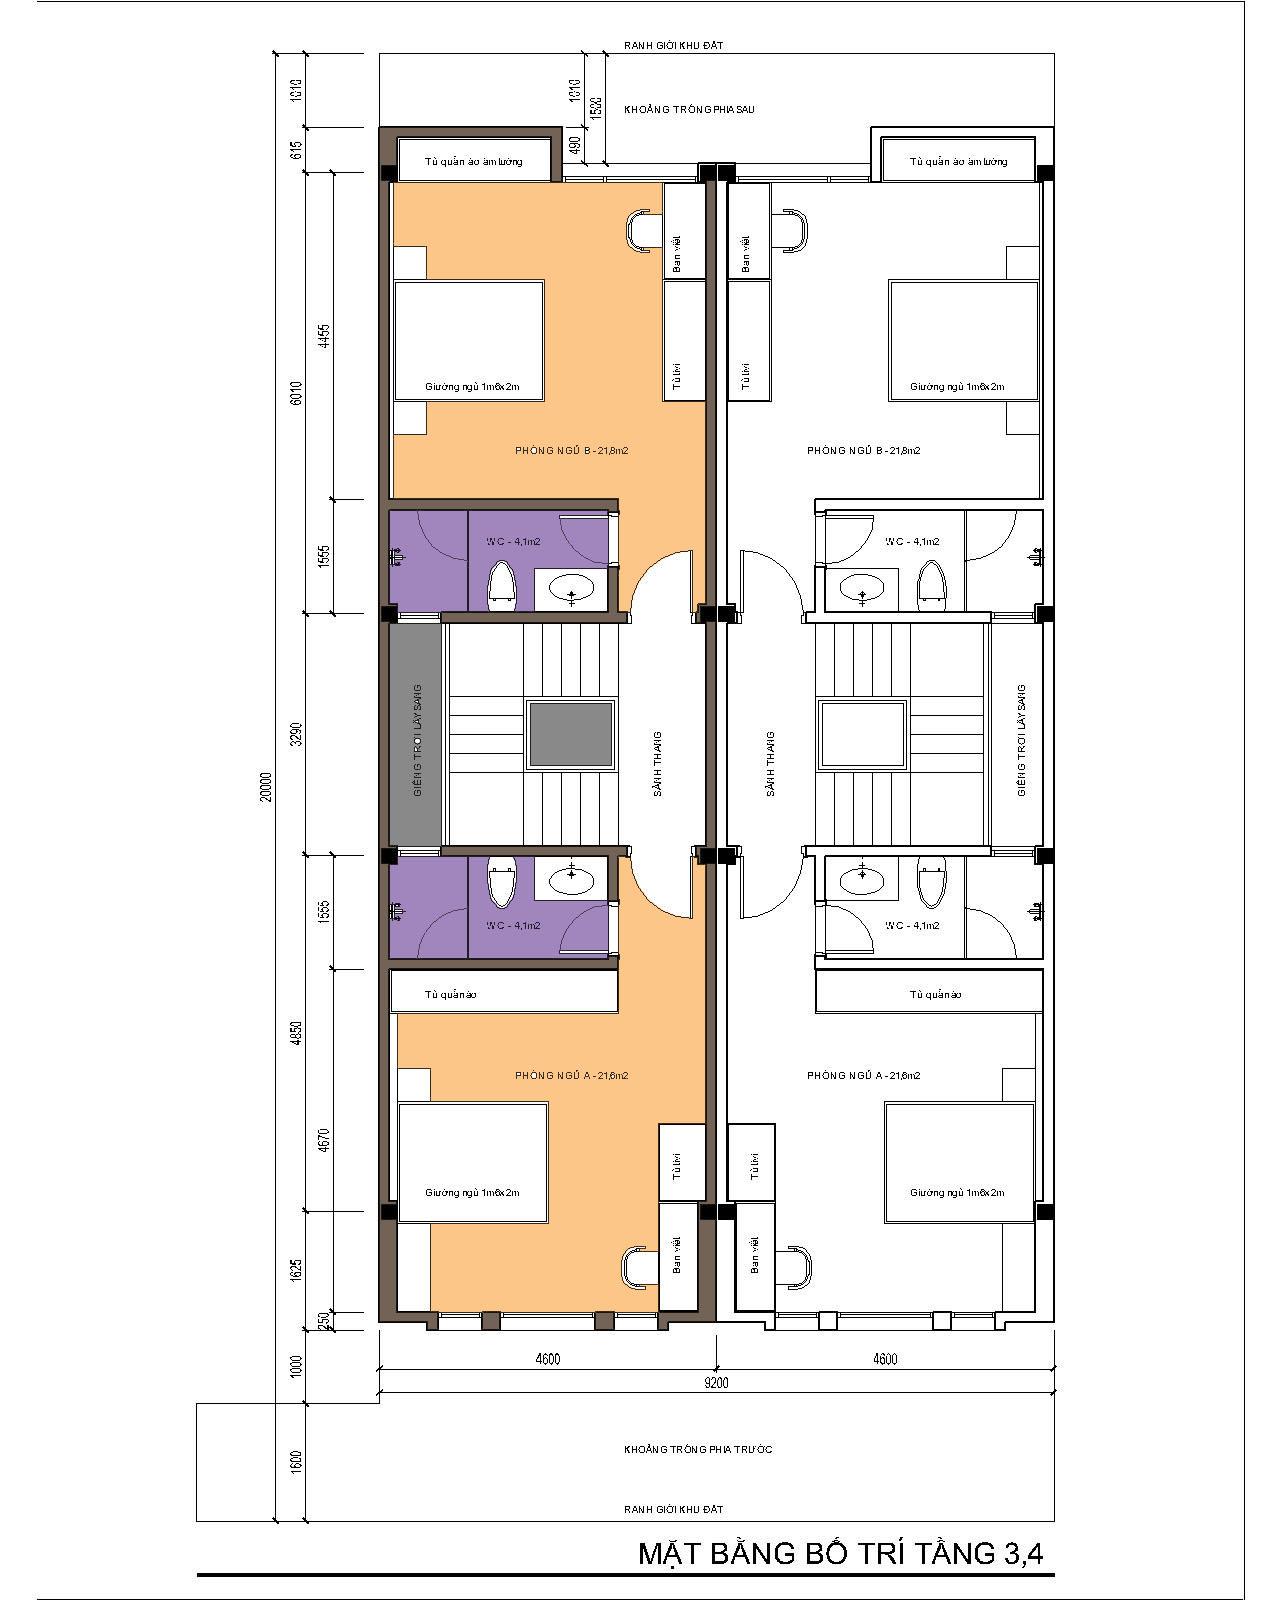 Nhà ống / nhà phố 4.6x15 (5 tầng - 5 phòng ngủ) - mặt bằng tầng 3-4